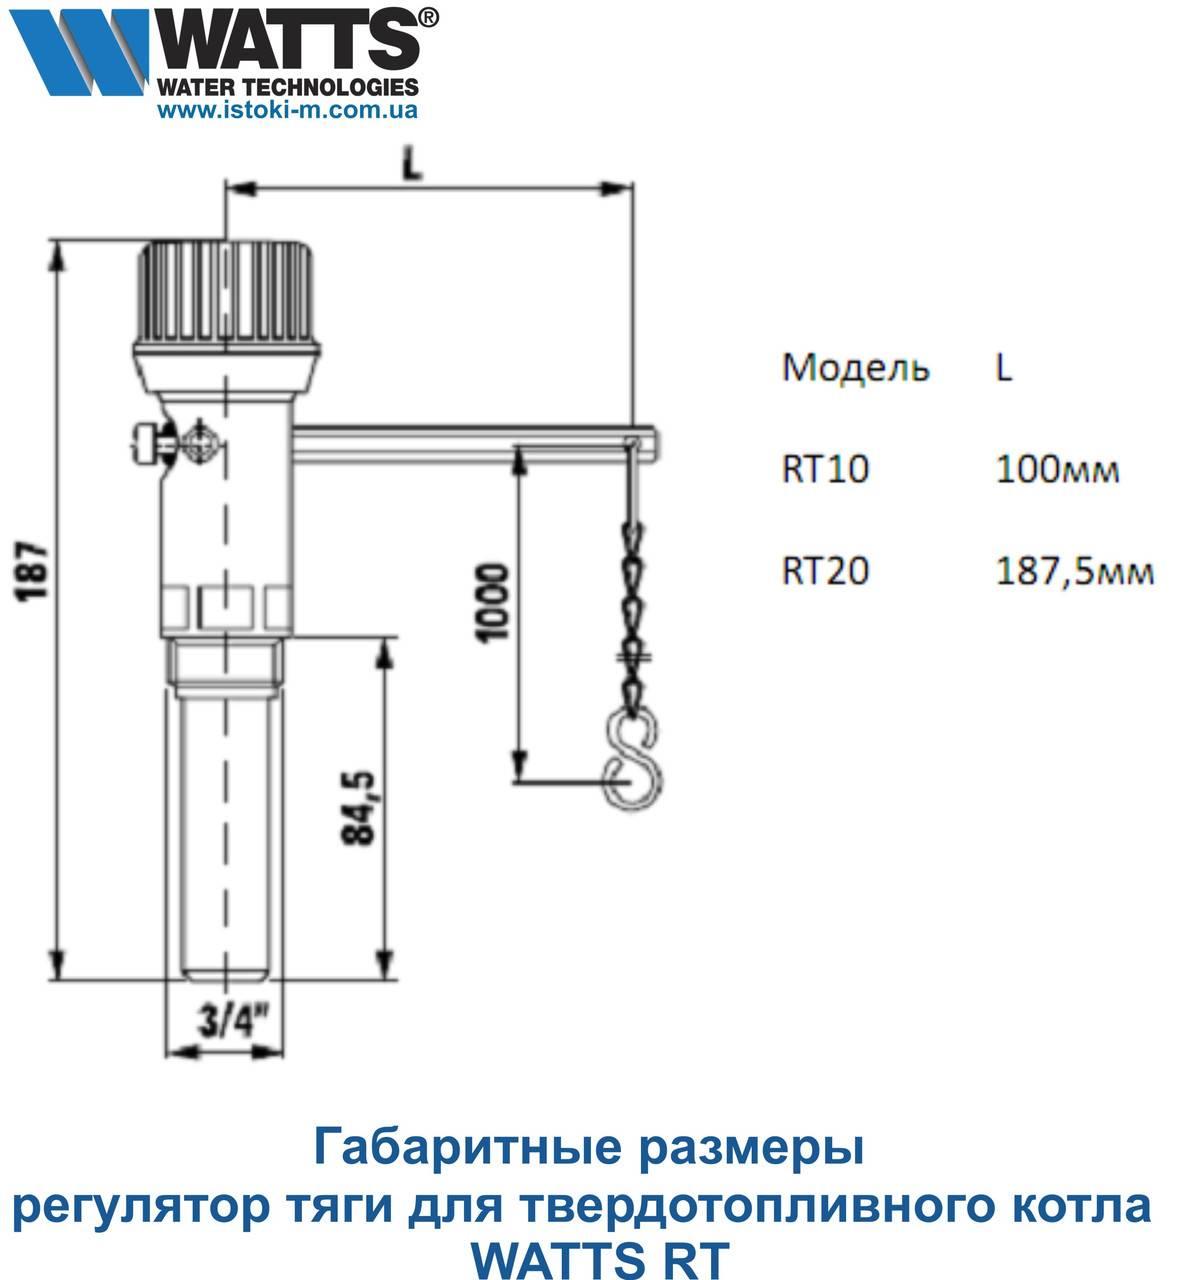 Регулятор тяги для твердотопливных котлов: назначение, конструкция